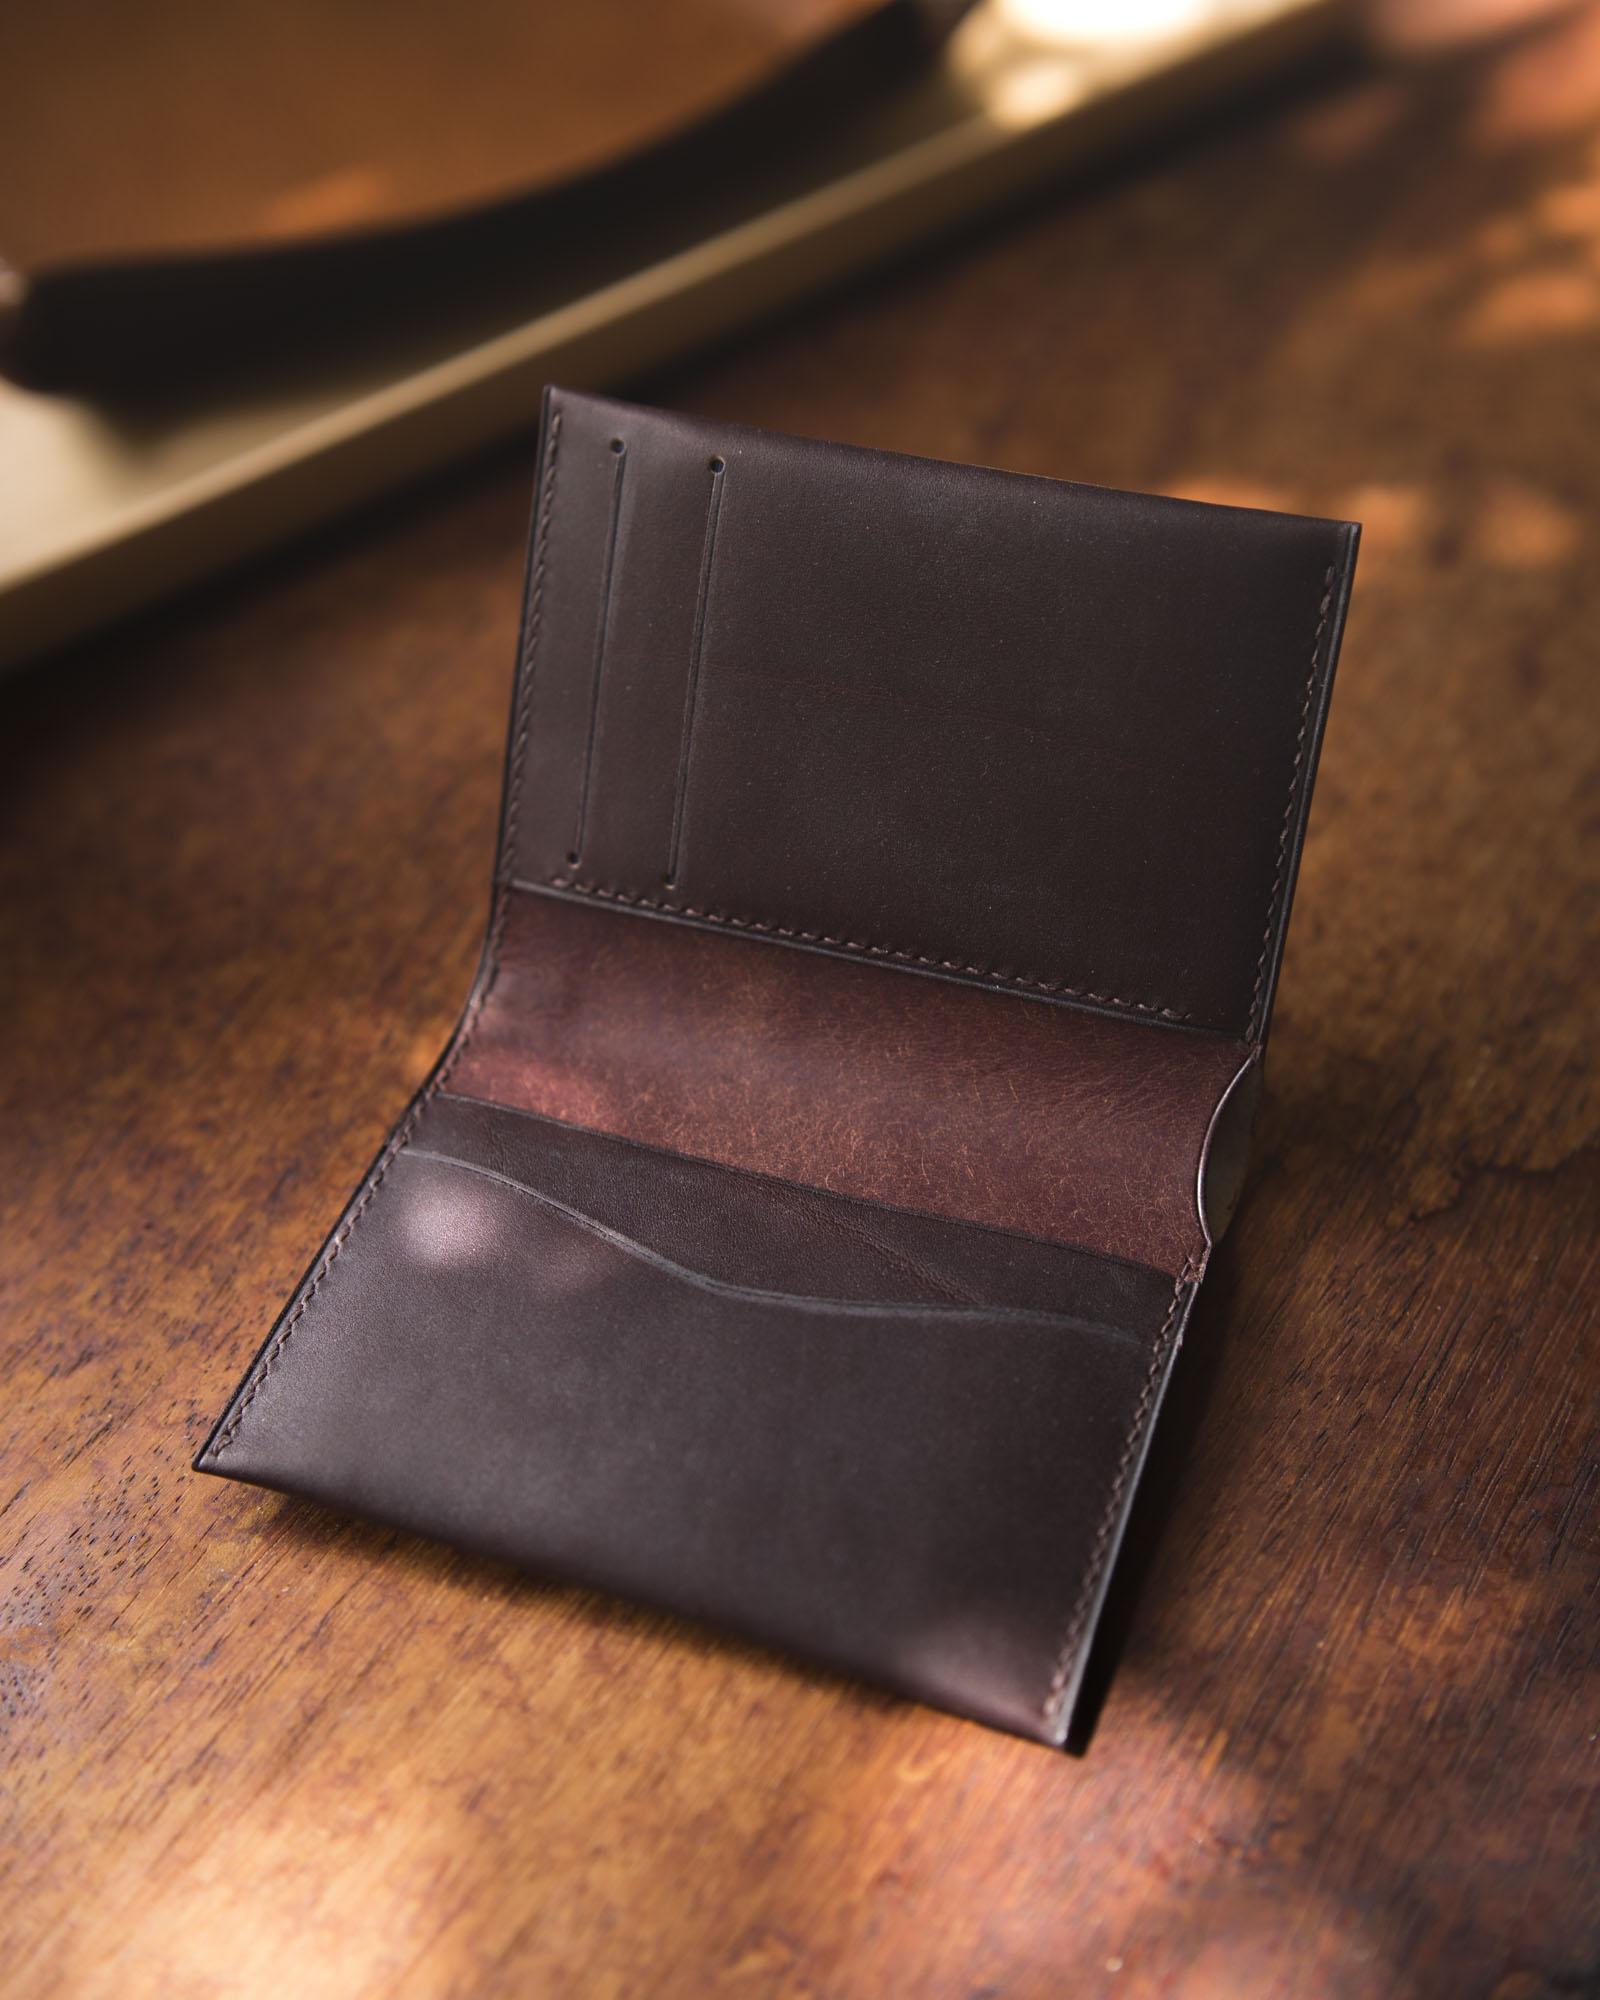 Everett wallet in Suportlo and Pueblo